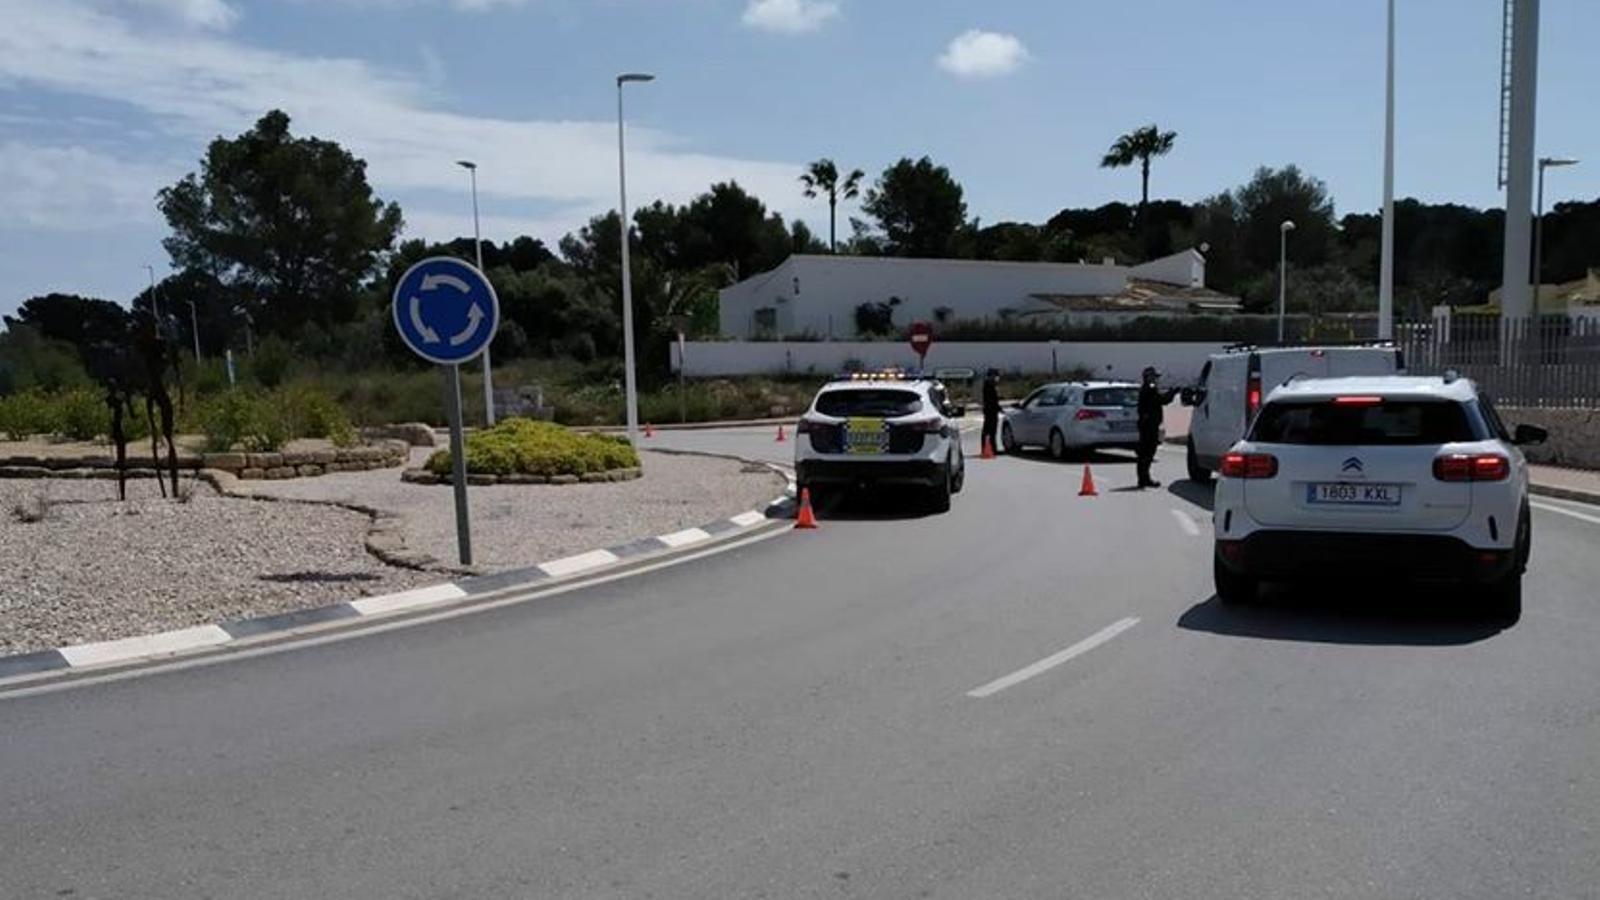 Control de la Policia Local de Xàbia per vigilar l'accés a les zones residencials de la localitat